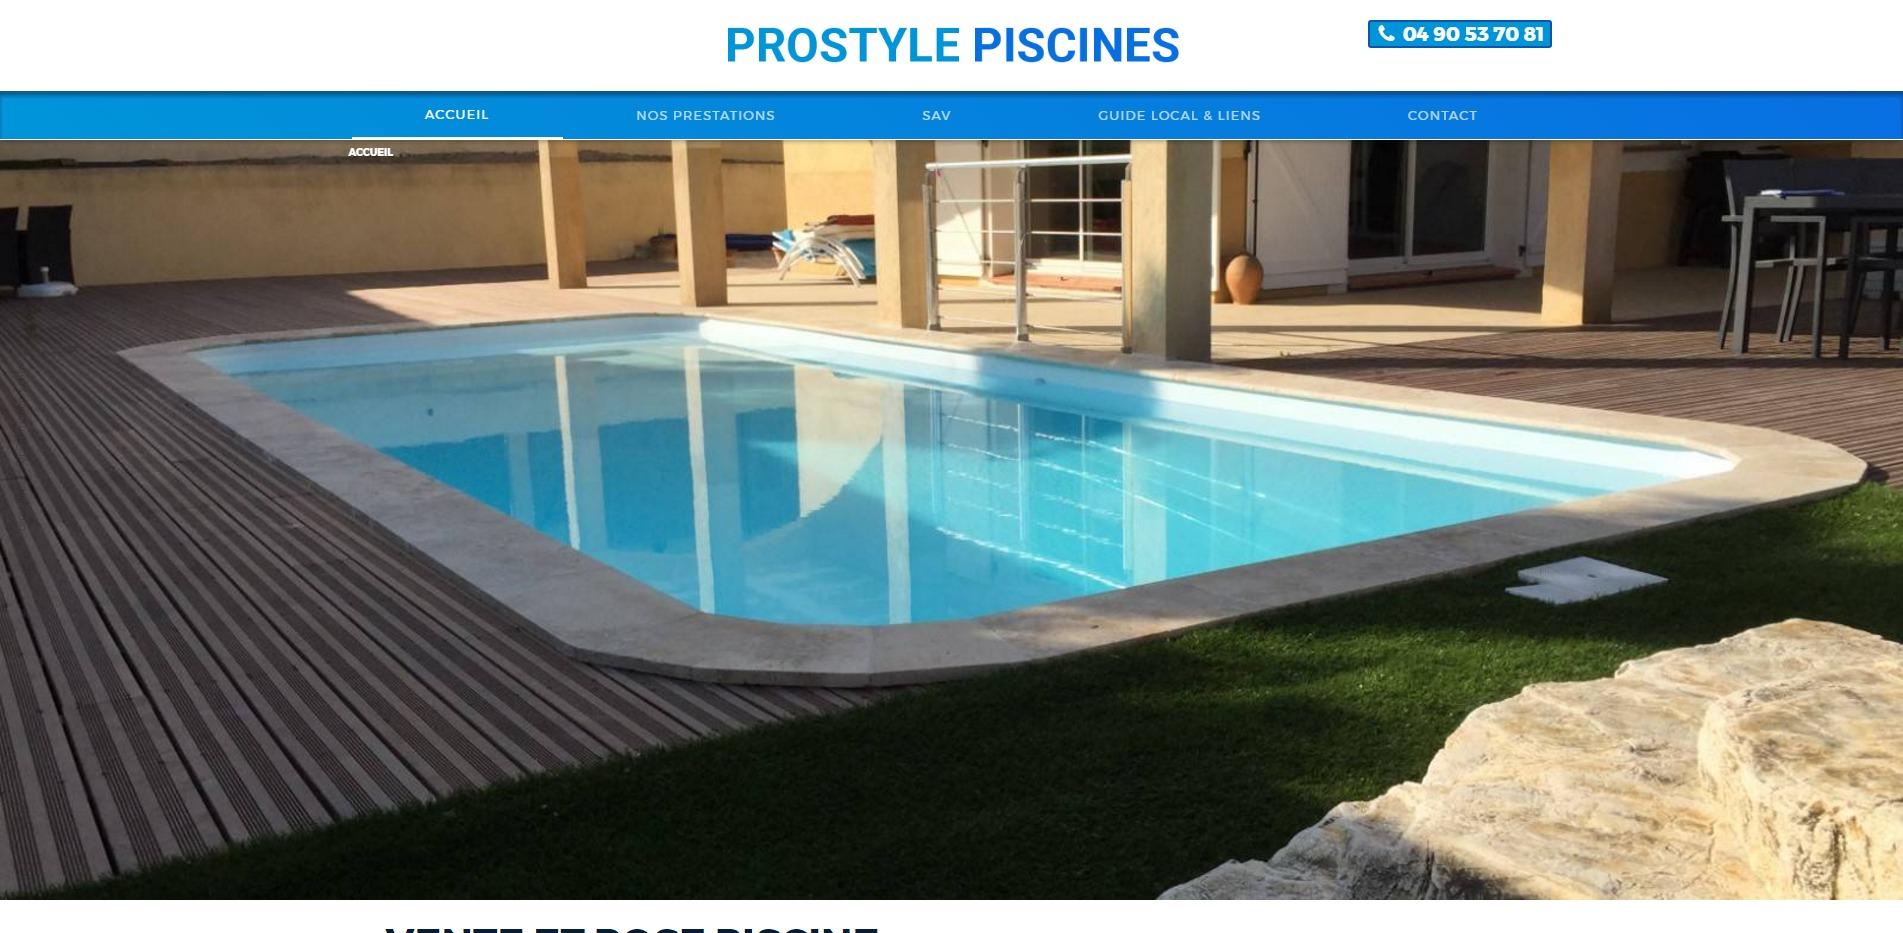 Vente de piscine coque marignane prostyle piscine for Piscine marignane